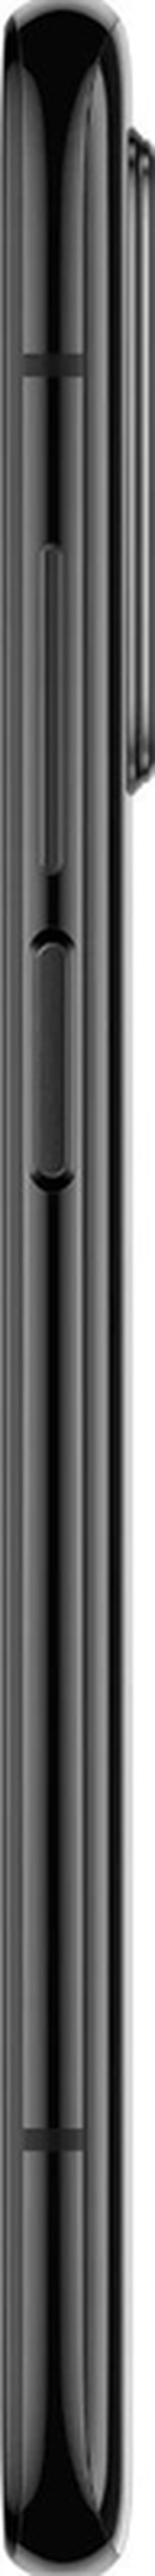 Мобильный телефон Xiaomi Mi 10T Pro 8Gb/256Gb Black